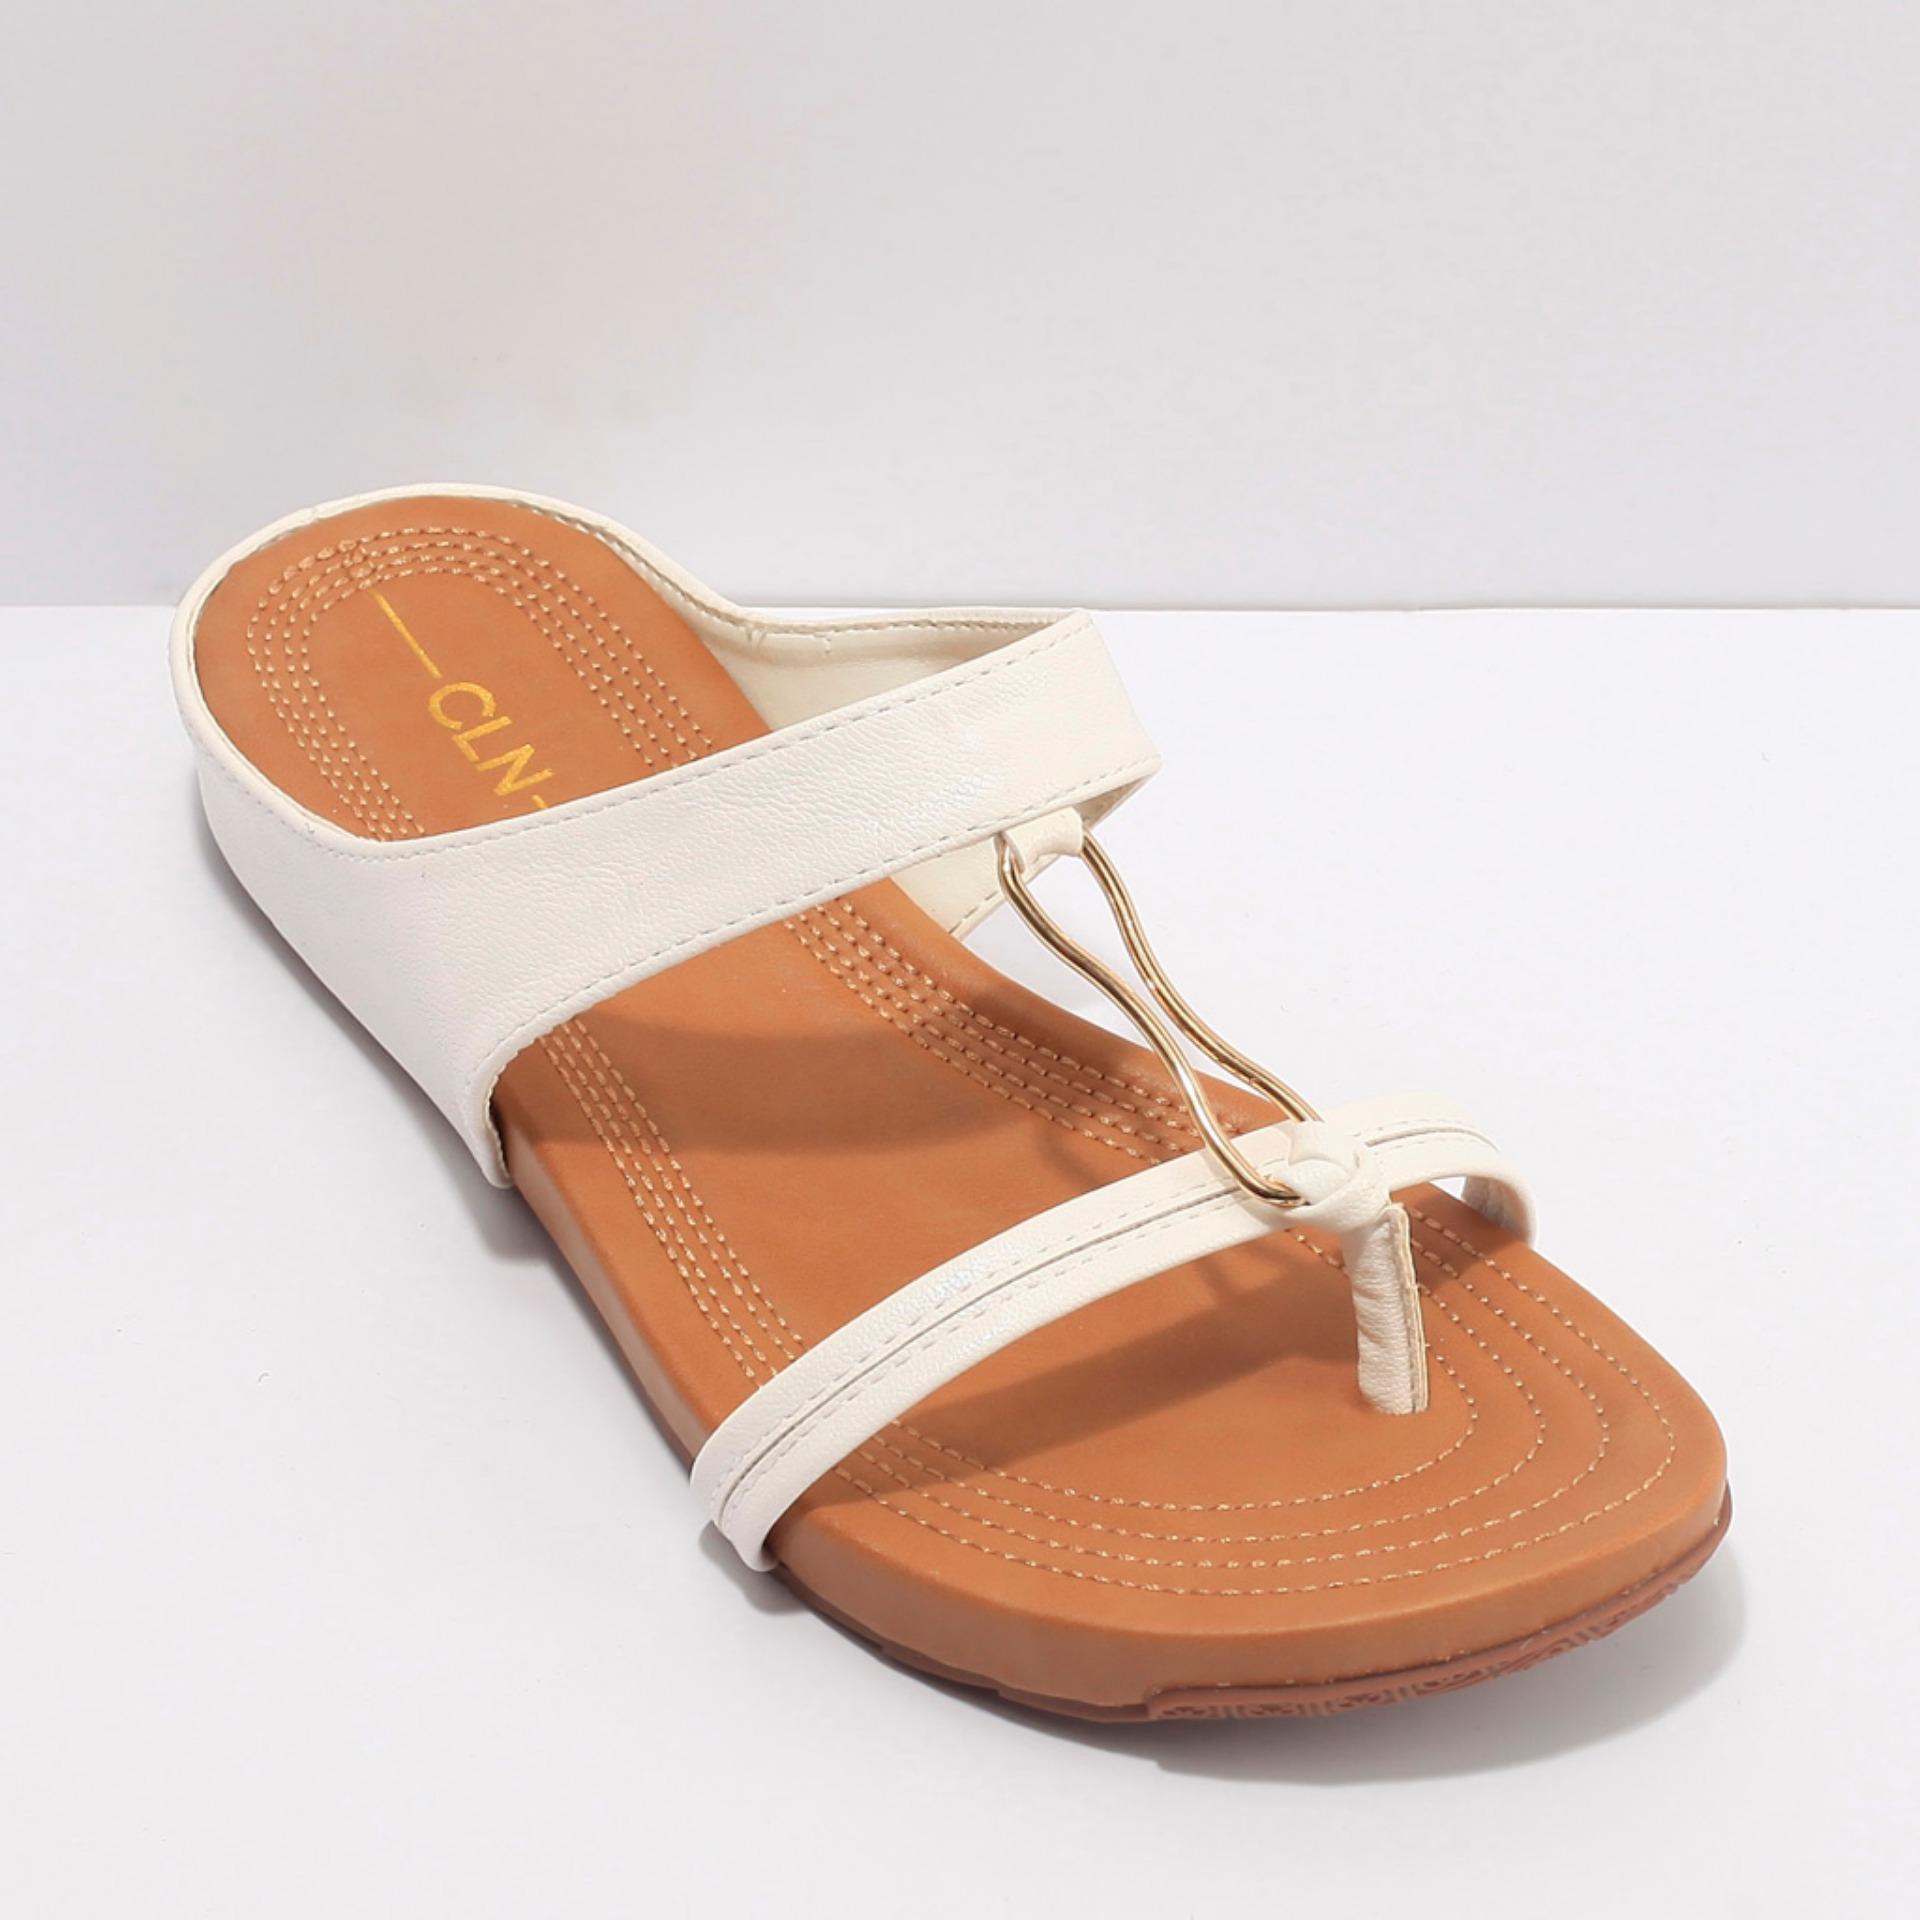 Cln shoes sandals philippines - Cln Shoes Sandals Philippines 14